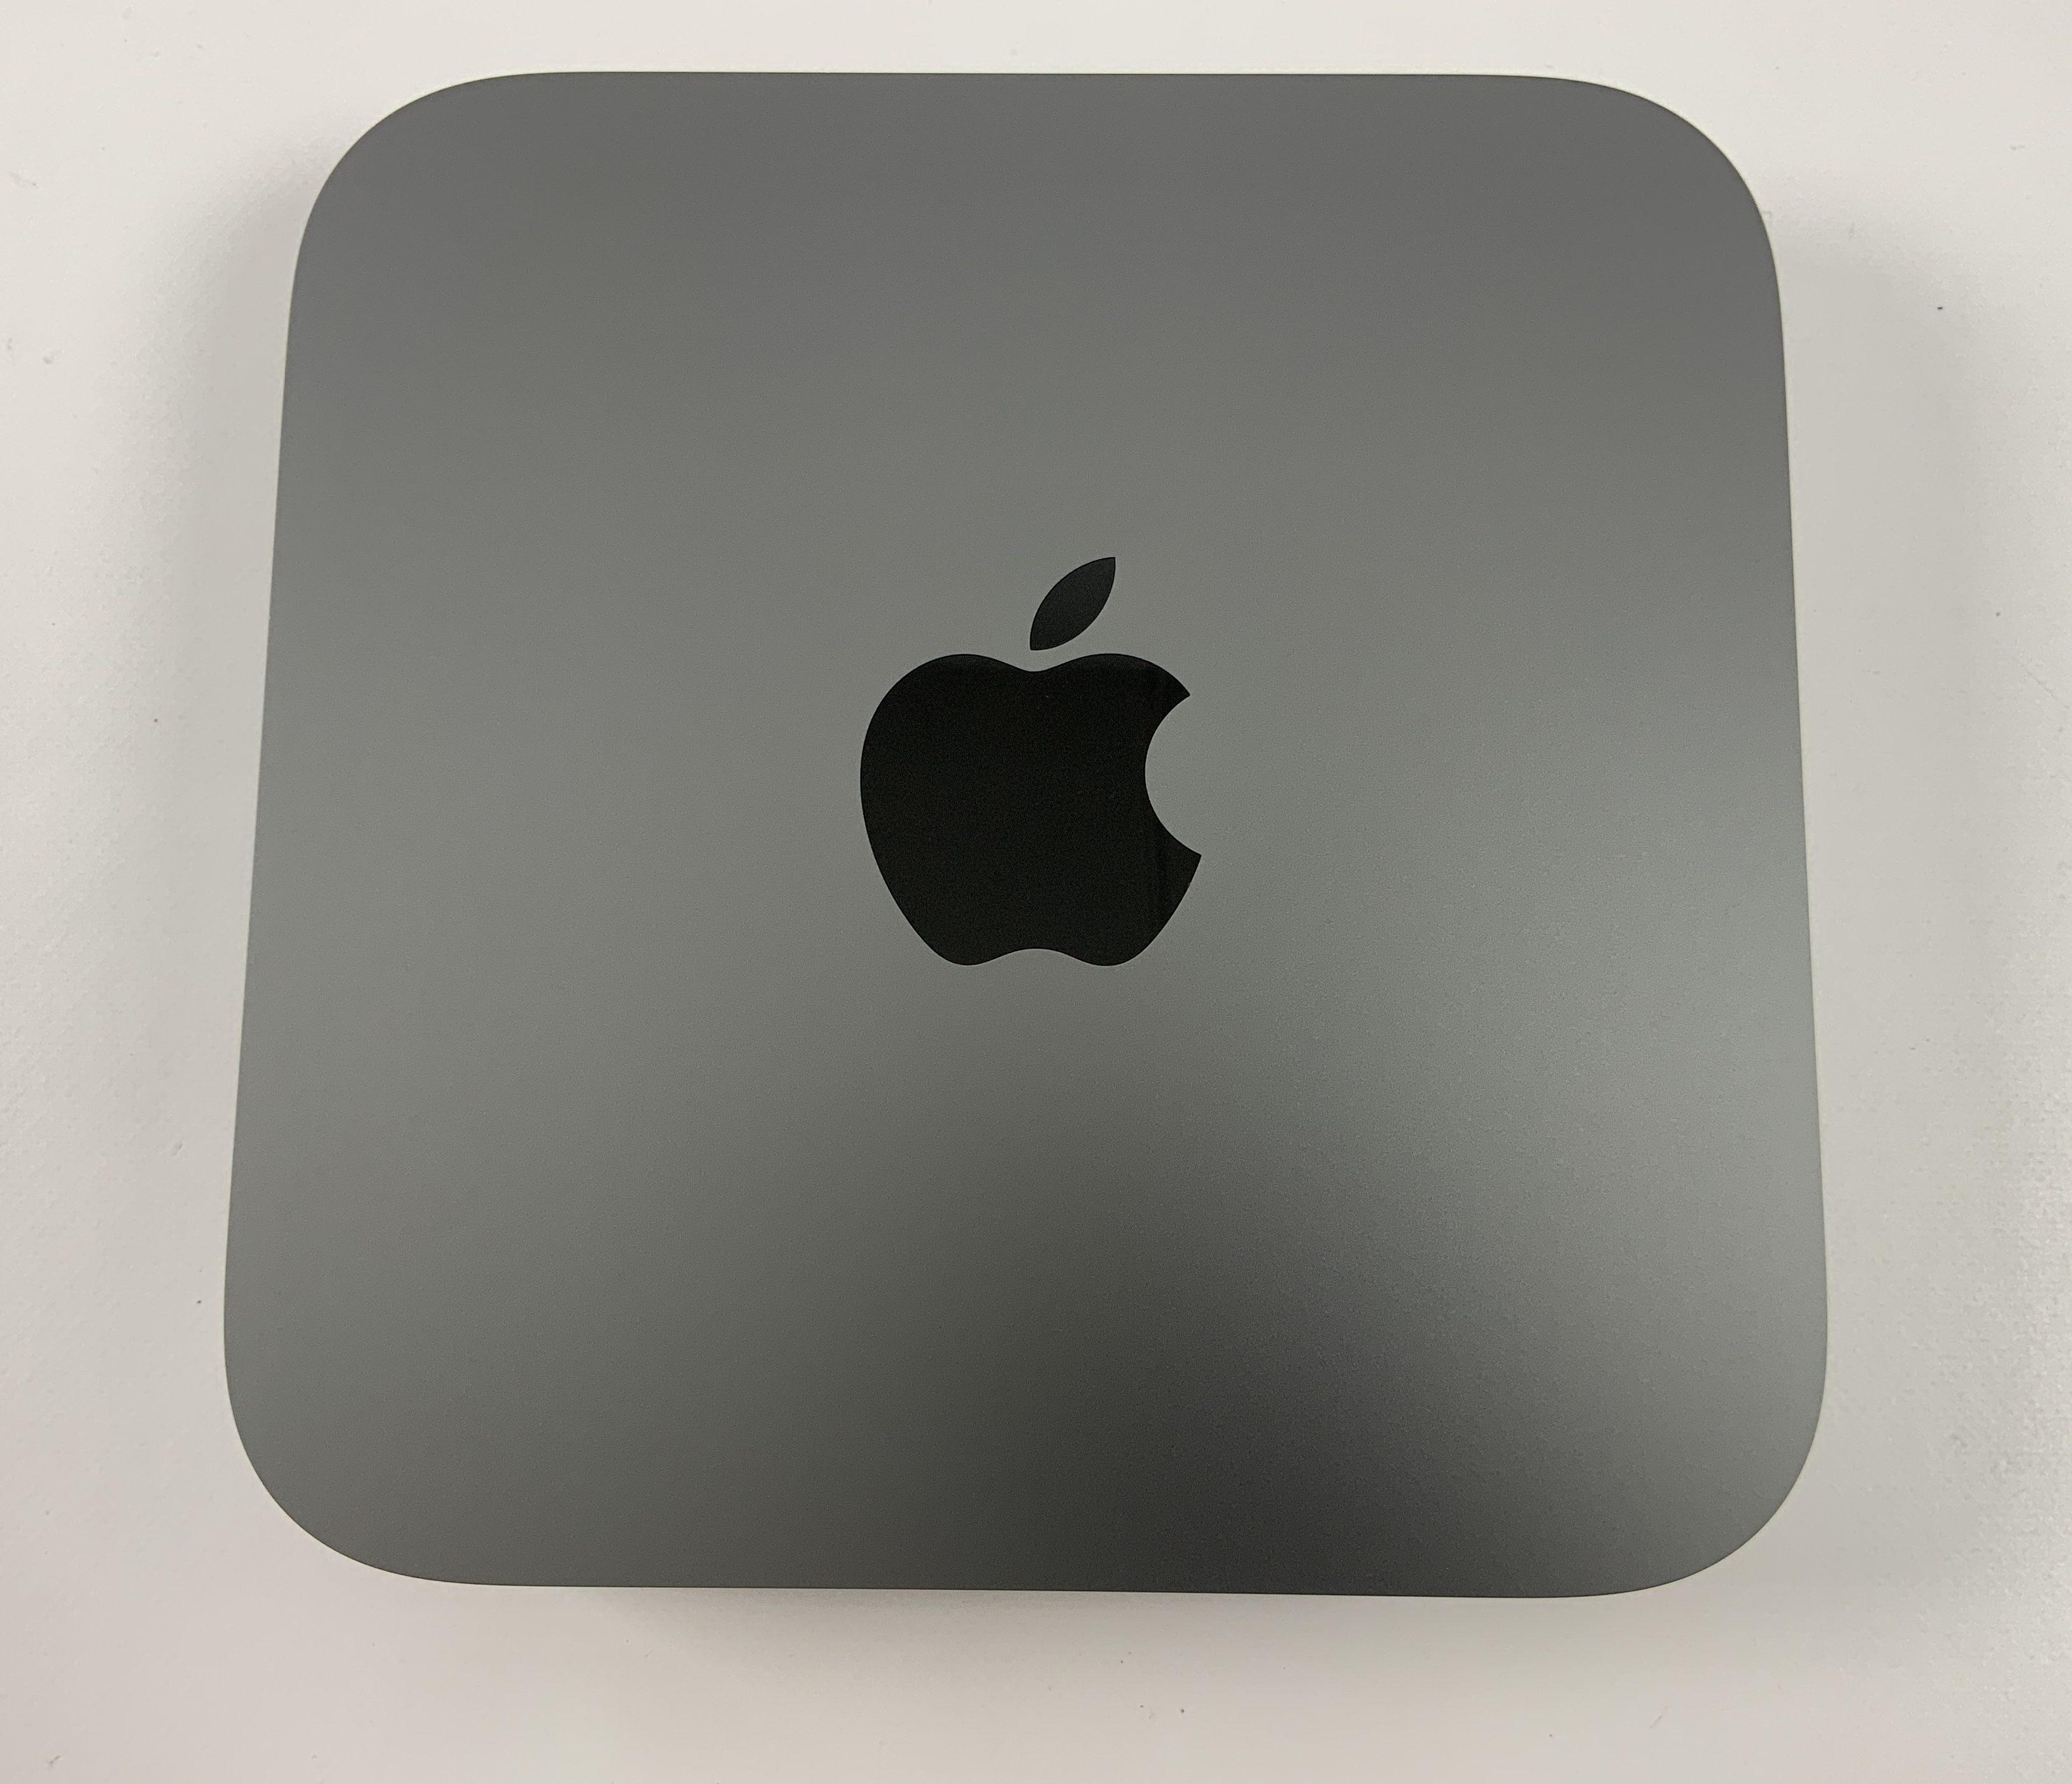 Mac Mini Late 2018 (Intel 6-Core i7 3.2 GHz 32 GB RAM 256 GB SSD), Intel 6-Core i7 3.2 GHz, 32 GB RAM, 256 GB SSD, Bild 1